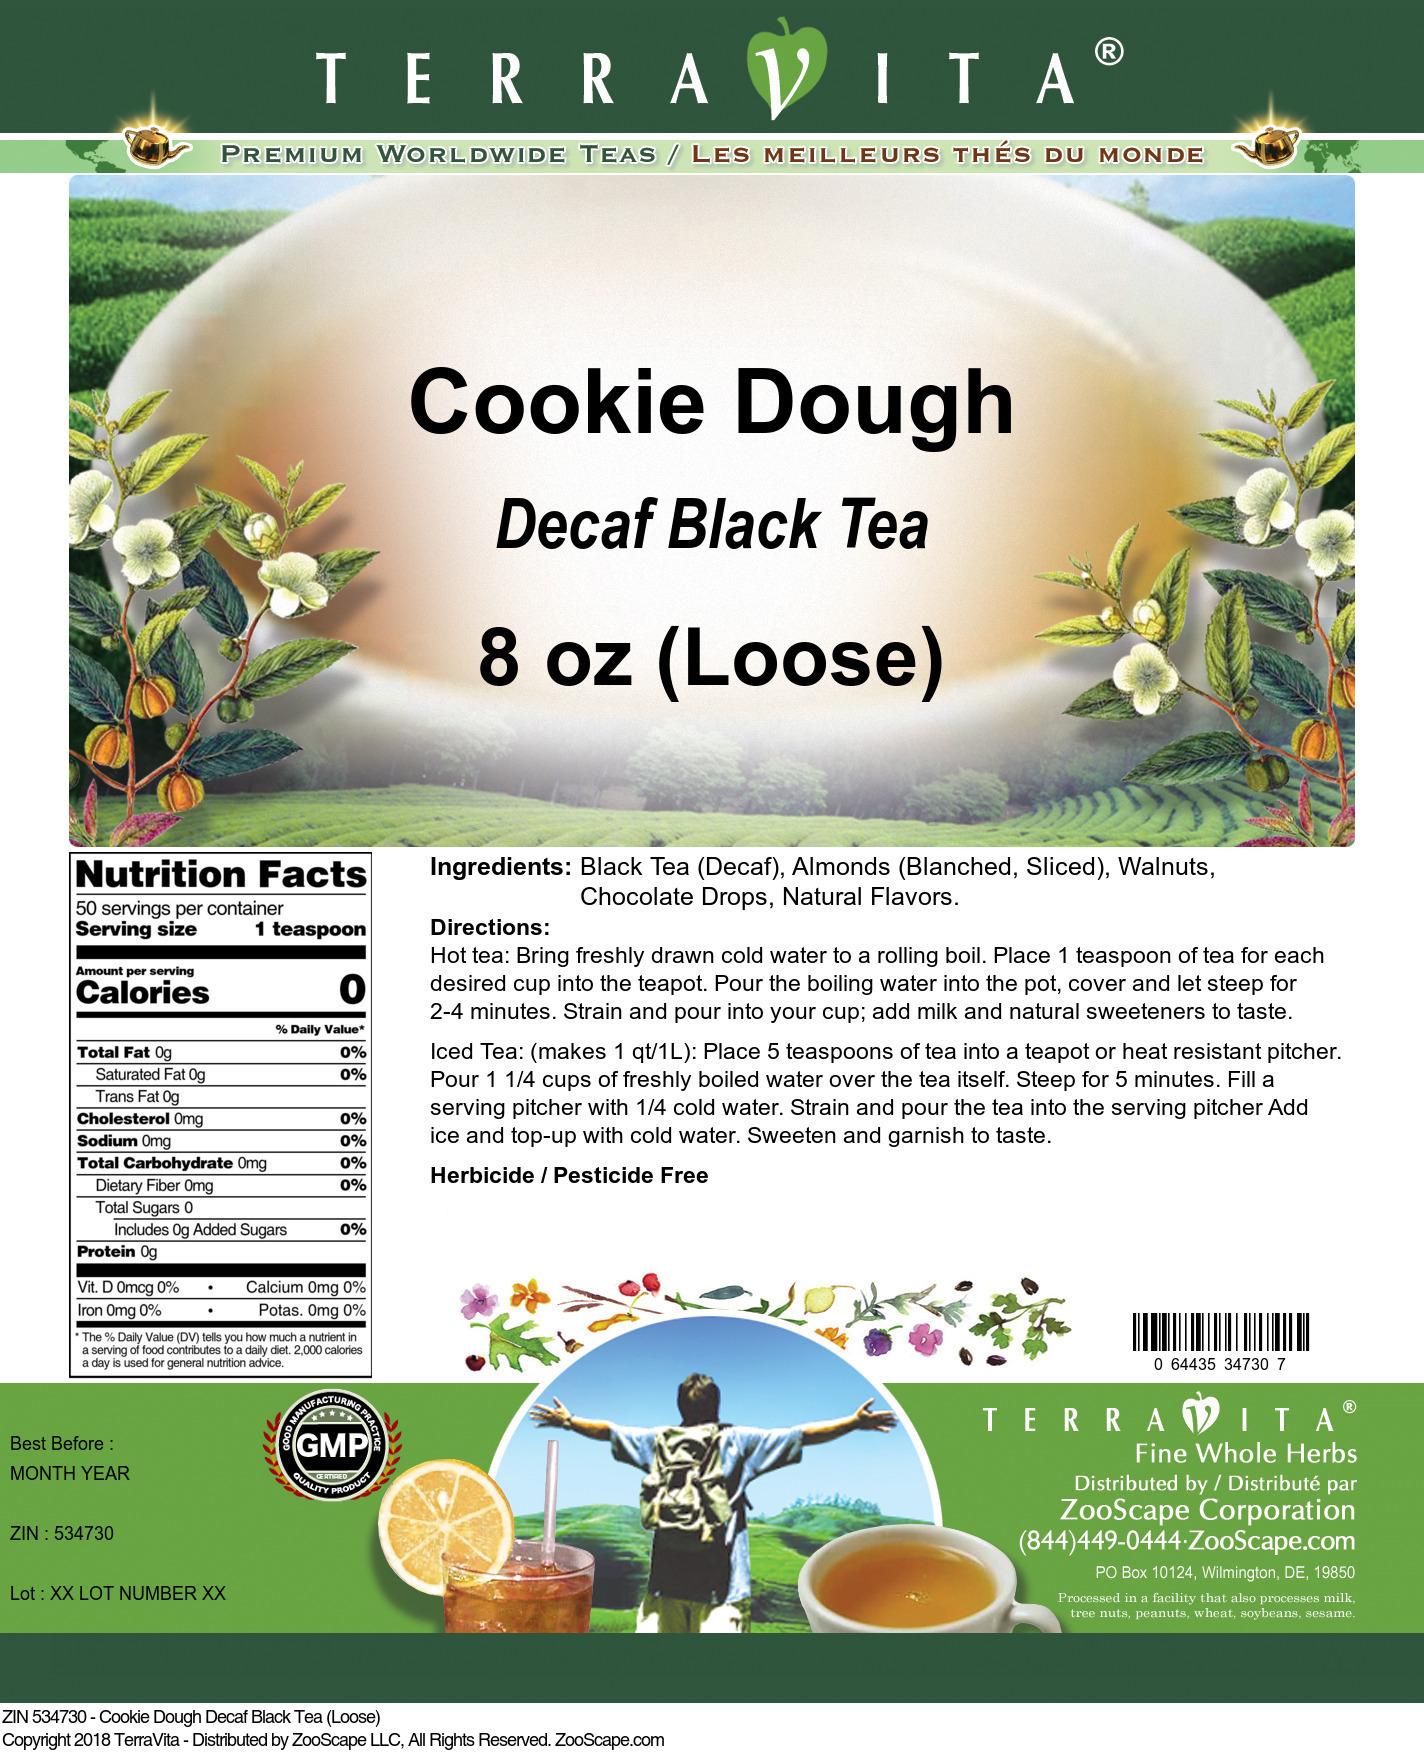 Cookie Dough Decaf Black Tea (Loose)